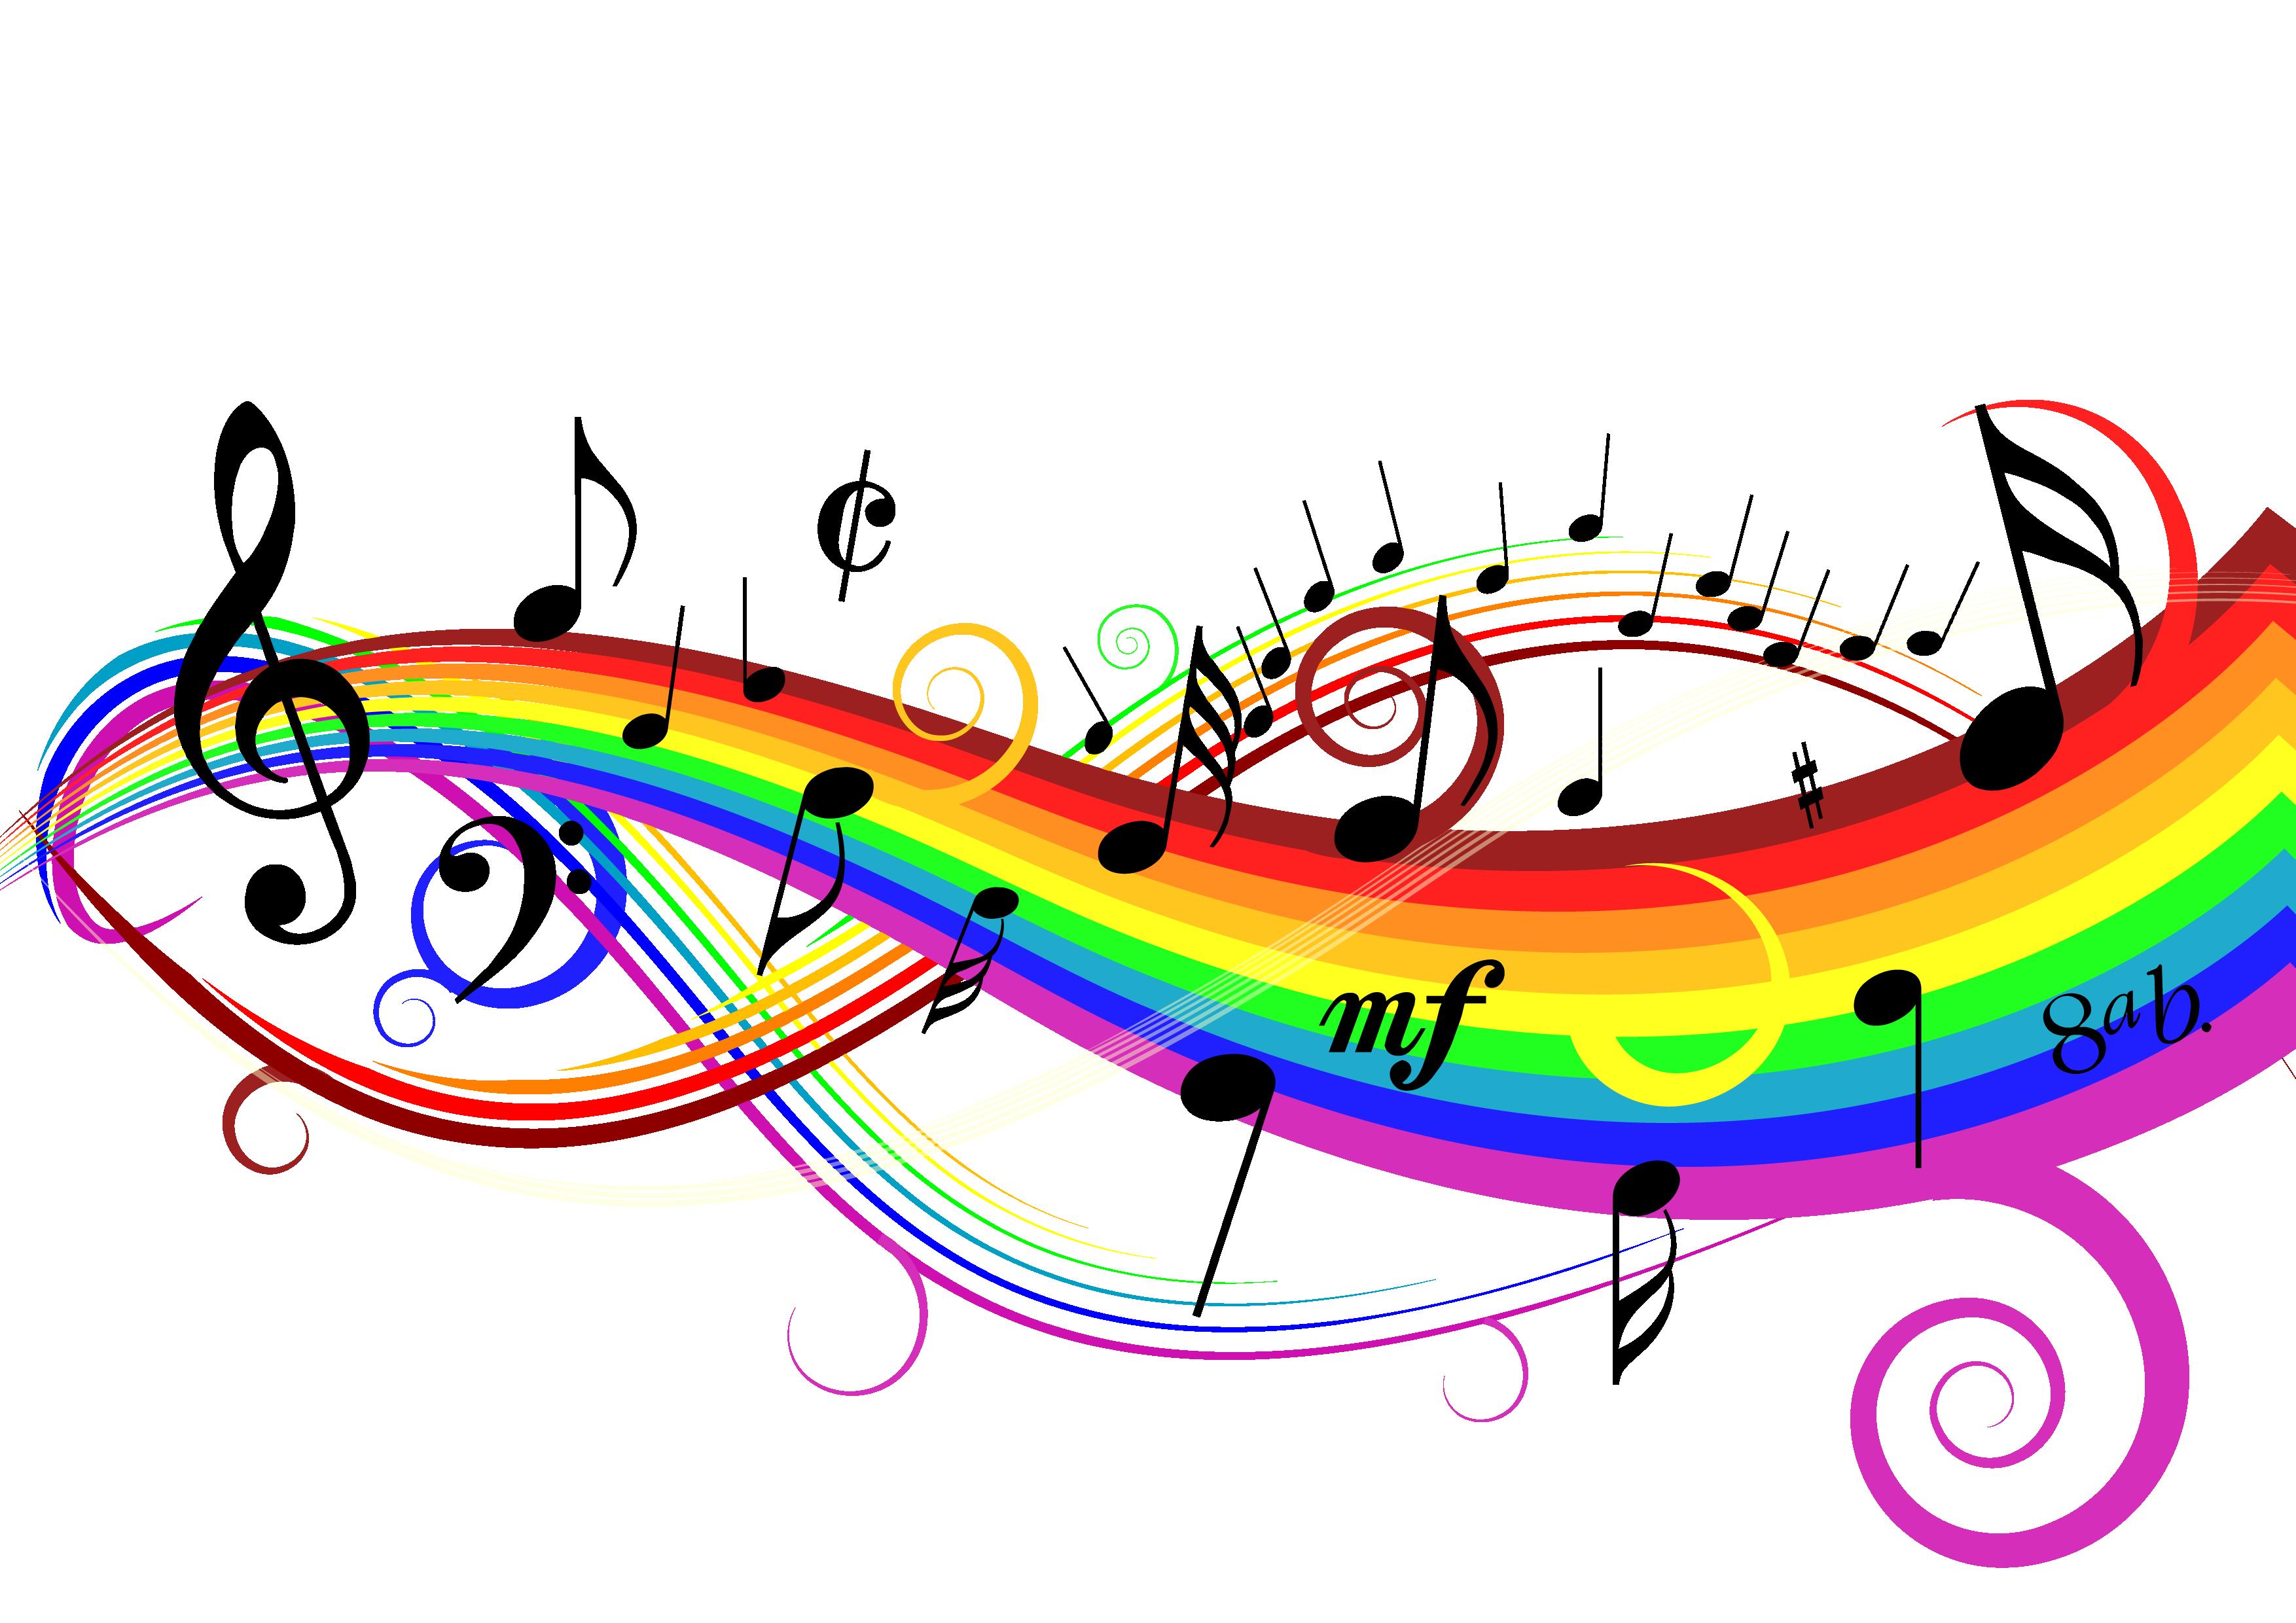 Notas Musicales Notas Musicales De Colores Notas Musicales Imagenes De Notas Musicales